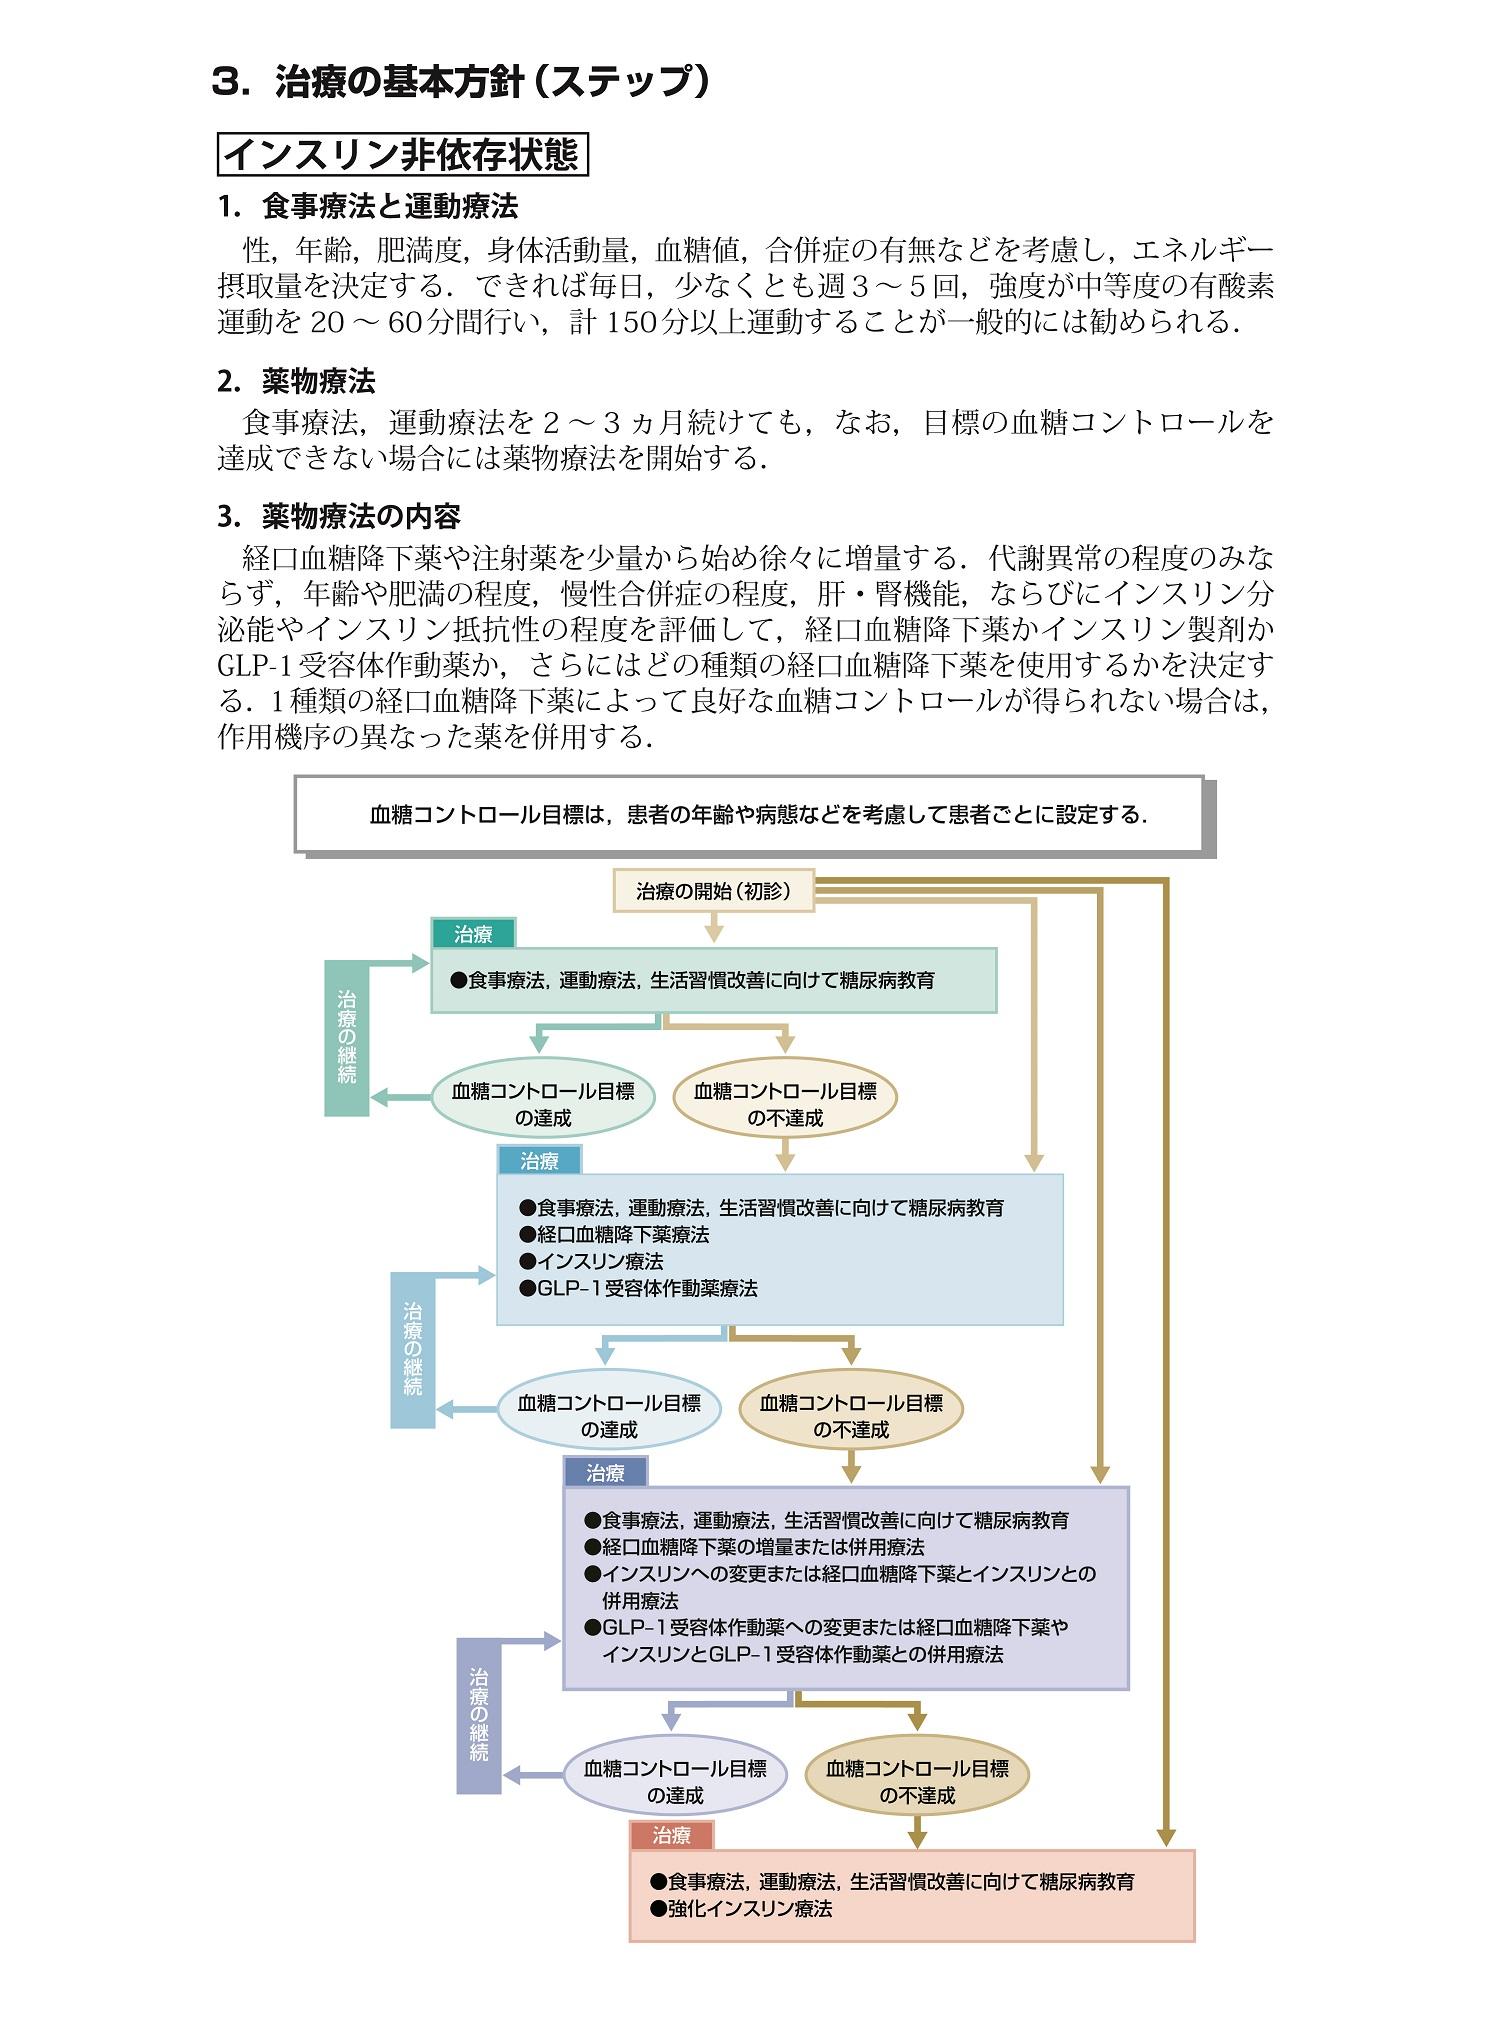 糖尿病治療ガイド2018-2019(抜粋)[6]